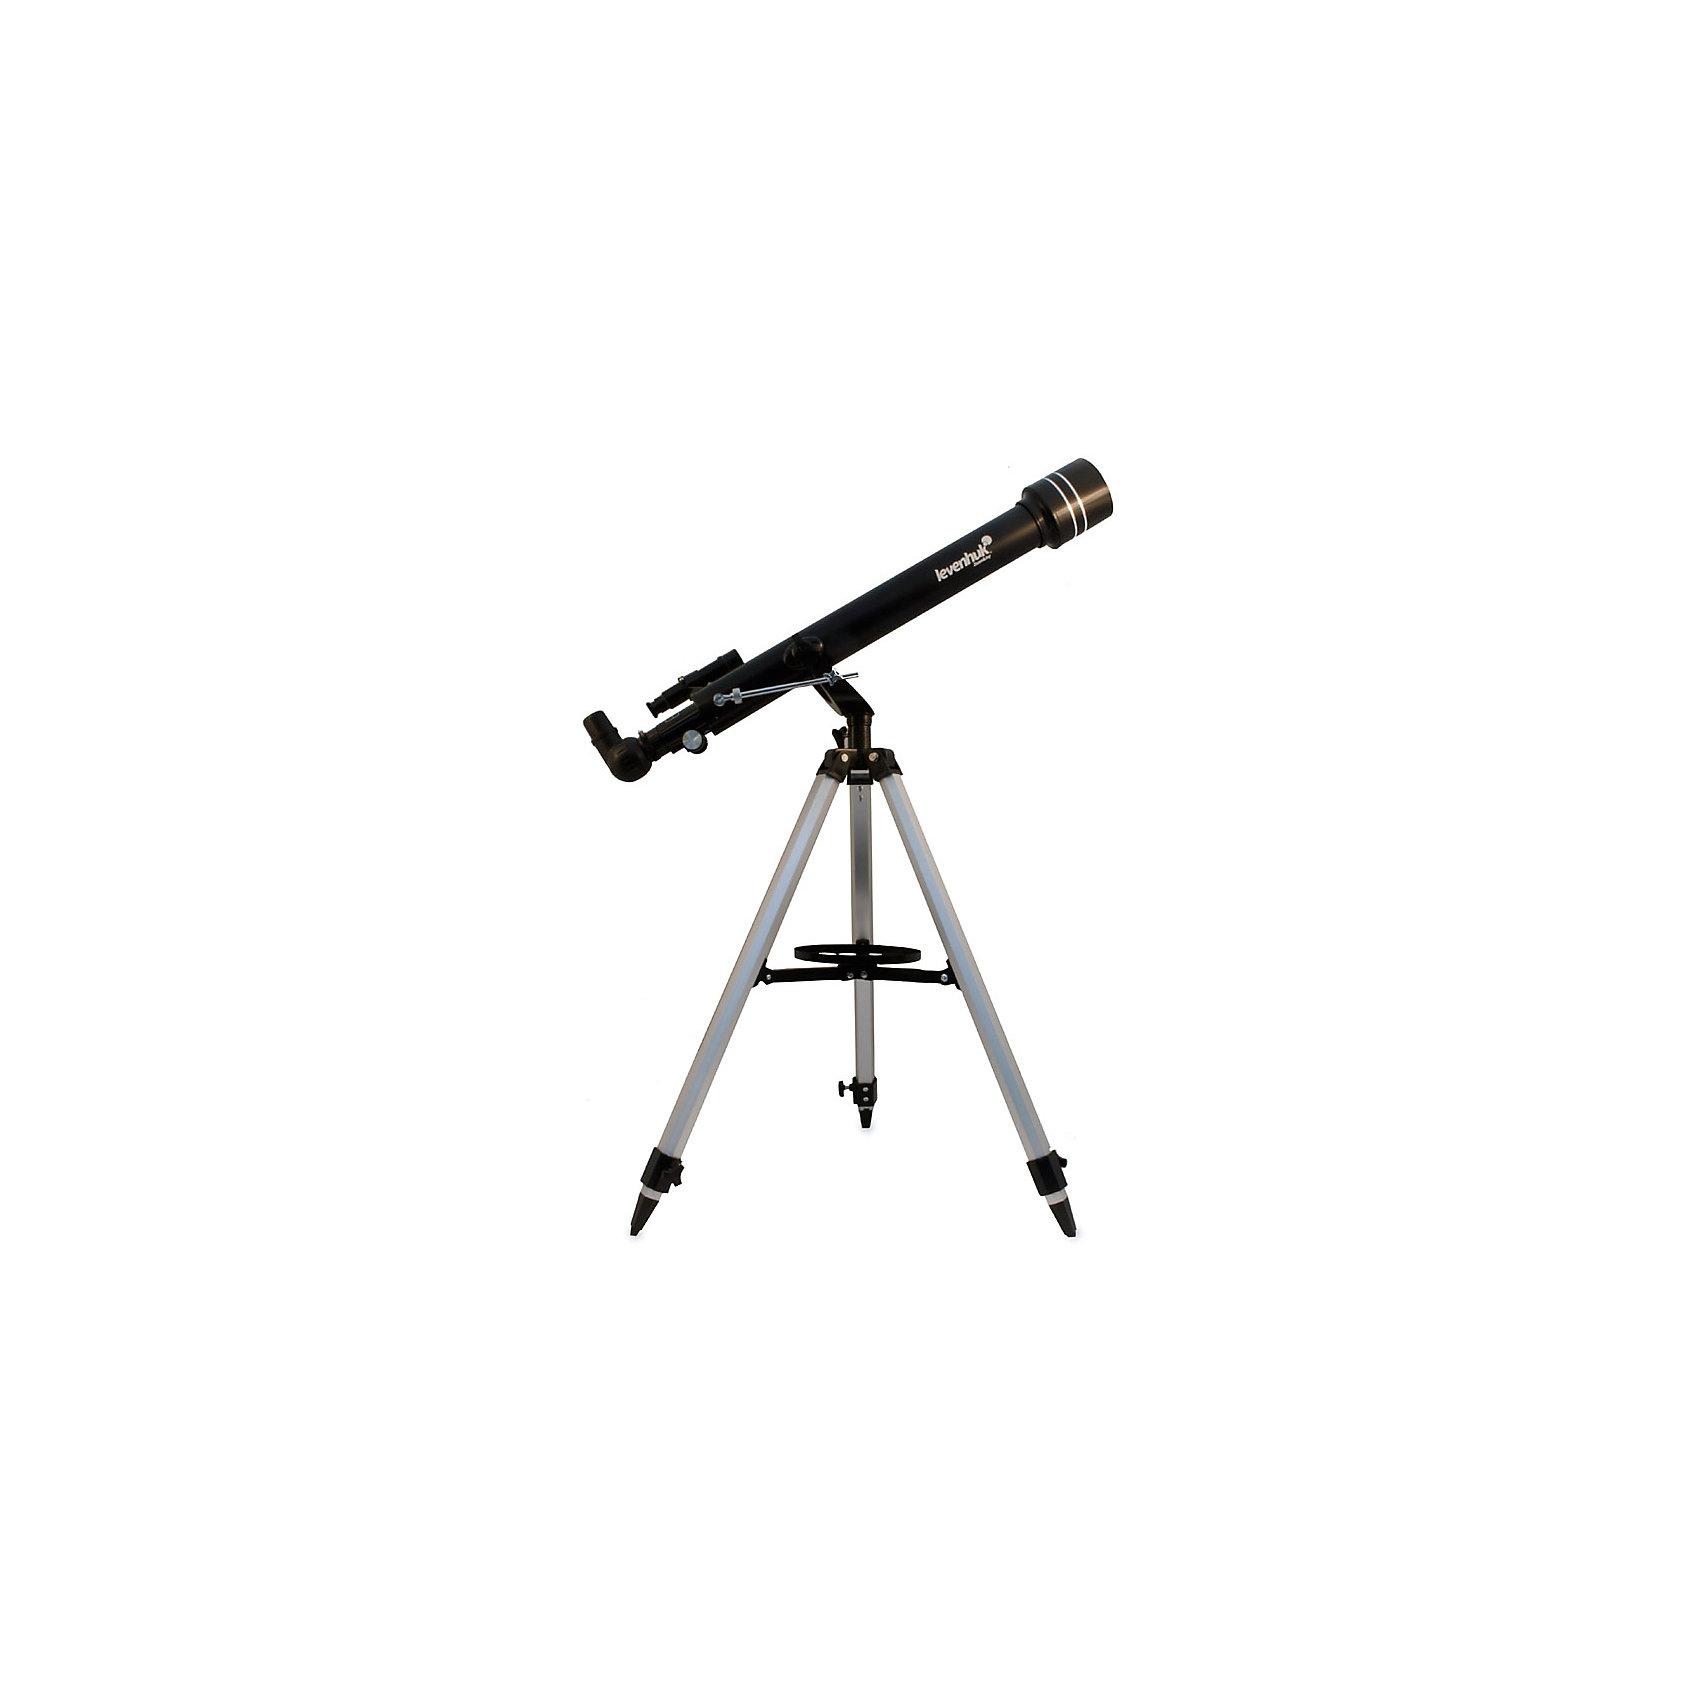 Телескоп Levenhuk Skyline 60x700 AZТелескопы<br>Характеристики товара:<br><br>• материал: металл, пластик<br>• тип телескопа: рефрактор<br>• максимальное полезное увеличение: 120 крат<br>• светосила (относительное отверстие): f/12<br>• проницающая способность: (звездная величина, приблизительно) 11,4<br>• окуляры в комплекте: 20 мм, 4 мм<br>• посадочный диаметр окуляров: 1,25<br>• линза Барлоу в комплекте 3x<br>• искатель оптический: 5x24<br>• высота треноги регулируемая: 690–1190 мм<br>• тип управления телескопом: ручной<br>• тип монтировки: азимутальная<br>• вес: 3,65 кг<br>• страна бренда: США<br>• страна производства: КНР<br><br>Телескоп - это отличный способ заинтересовать ребенка наблюдениями за небесными телами и привить ему интерес к учебе. Эта модель была разработана специально для детей - он позволяет увеличивать предметы из космоса и изучать их. Благодаря легкому и прочному корпусу телескоп удобно брать с собой!<br><br>Оптические приборы от американской компании Levenhuk уже успели зарекомендовать себя как качественная и надежная продукция. Для их производства используются только безопасные и проверенные материалы. Такой прибор способен прослужить долго. Подарите ребенку интересную и полезную вещь!<br><br>Телескоп Levenhuk Skyline 50x600 AZ от известного бренда Levenhuk (Левенгук) можно купить в нашем интернет-магазине.<br><br>Ширина мм: 828<br>Глубина мм: 248<br>Высота мм: 165<br>Вес г: 3650<br>Возраст от месяцев: 60<br>Возраст до месяцев: 2147483647<br>Пол: Унисекс<br>Возраст: Детский<br>SKU: 5435301